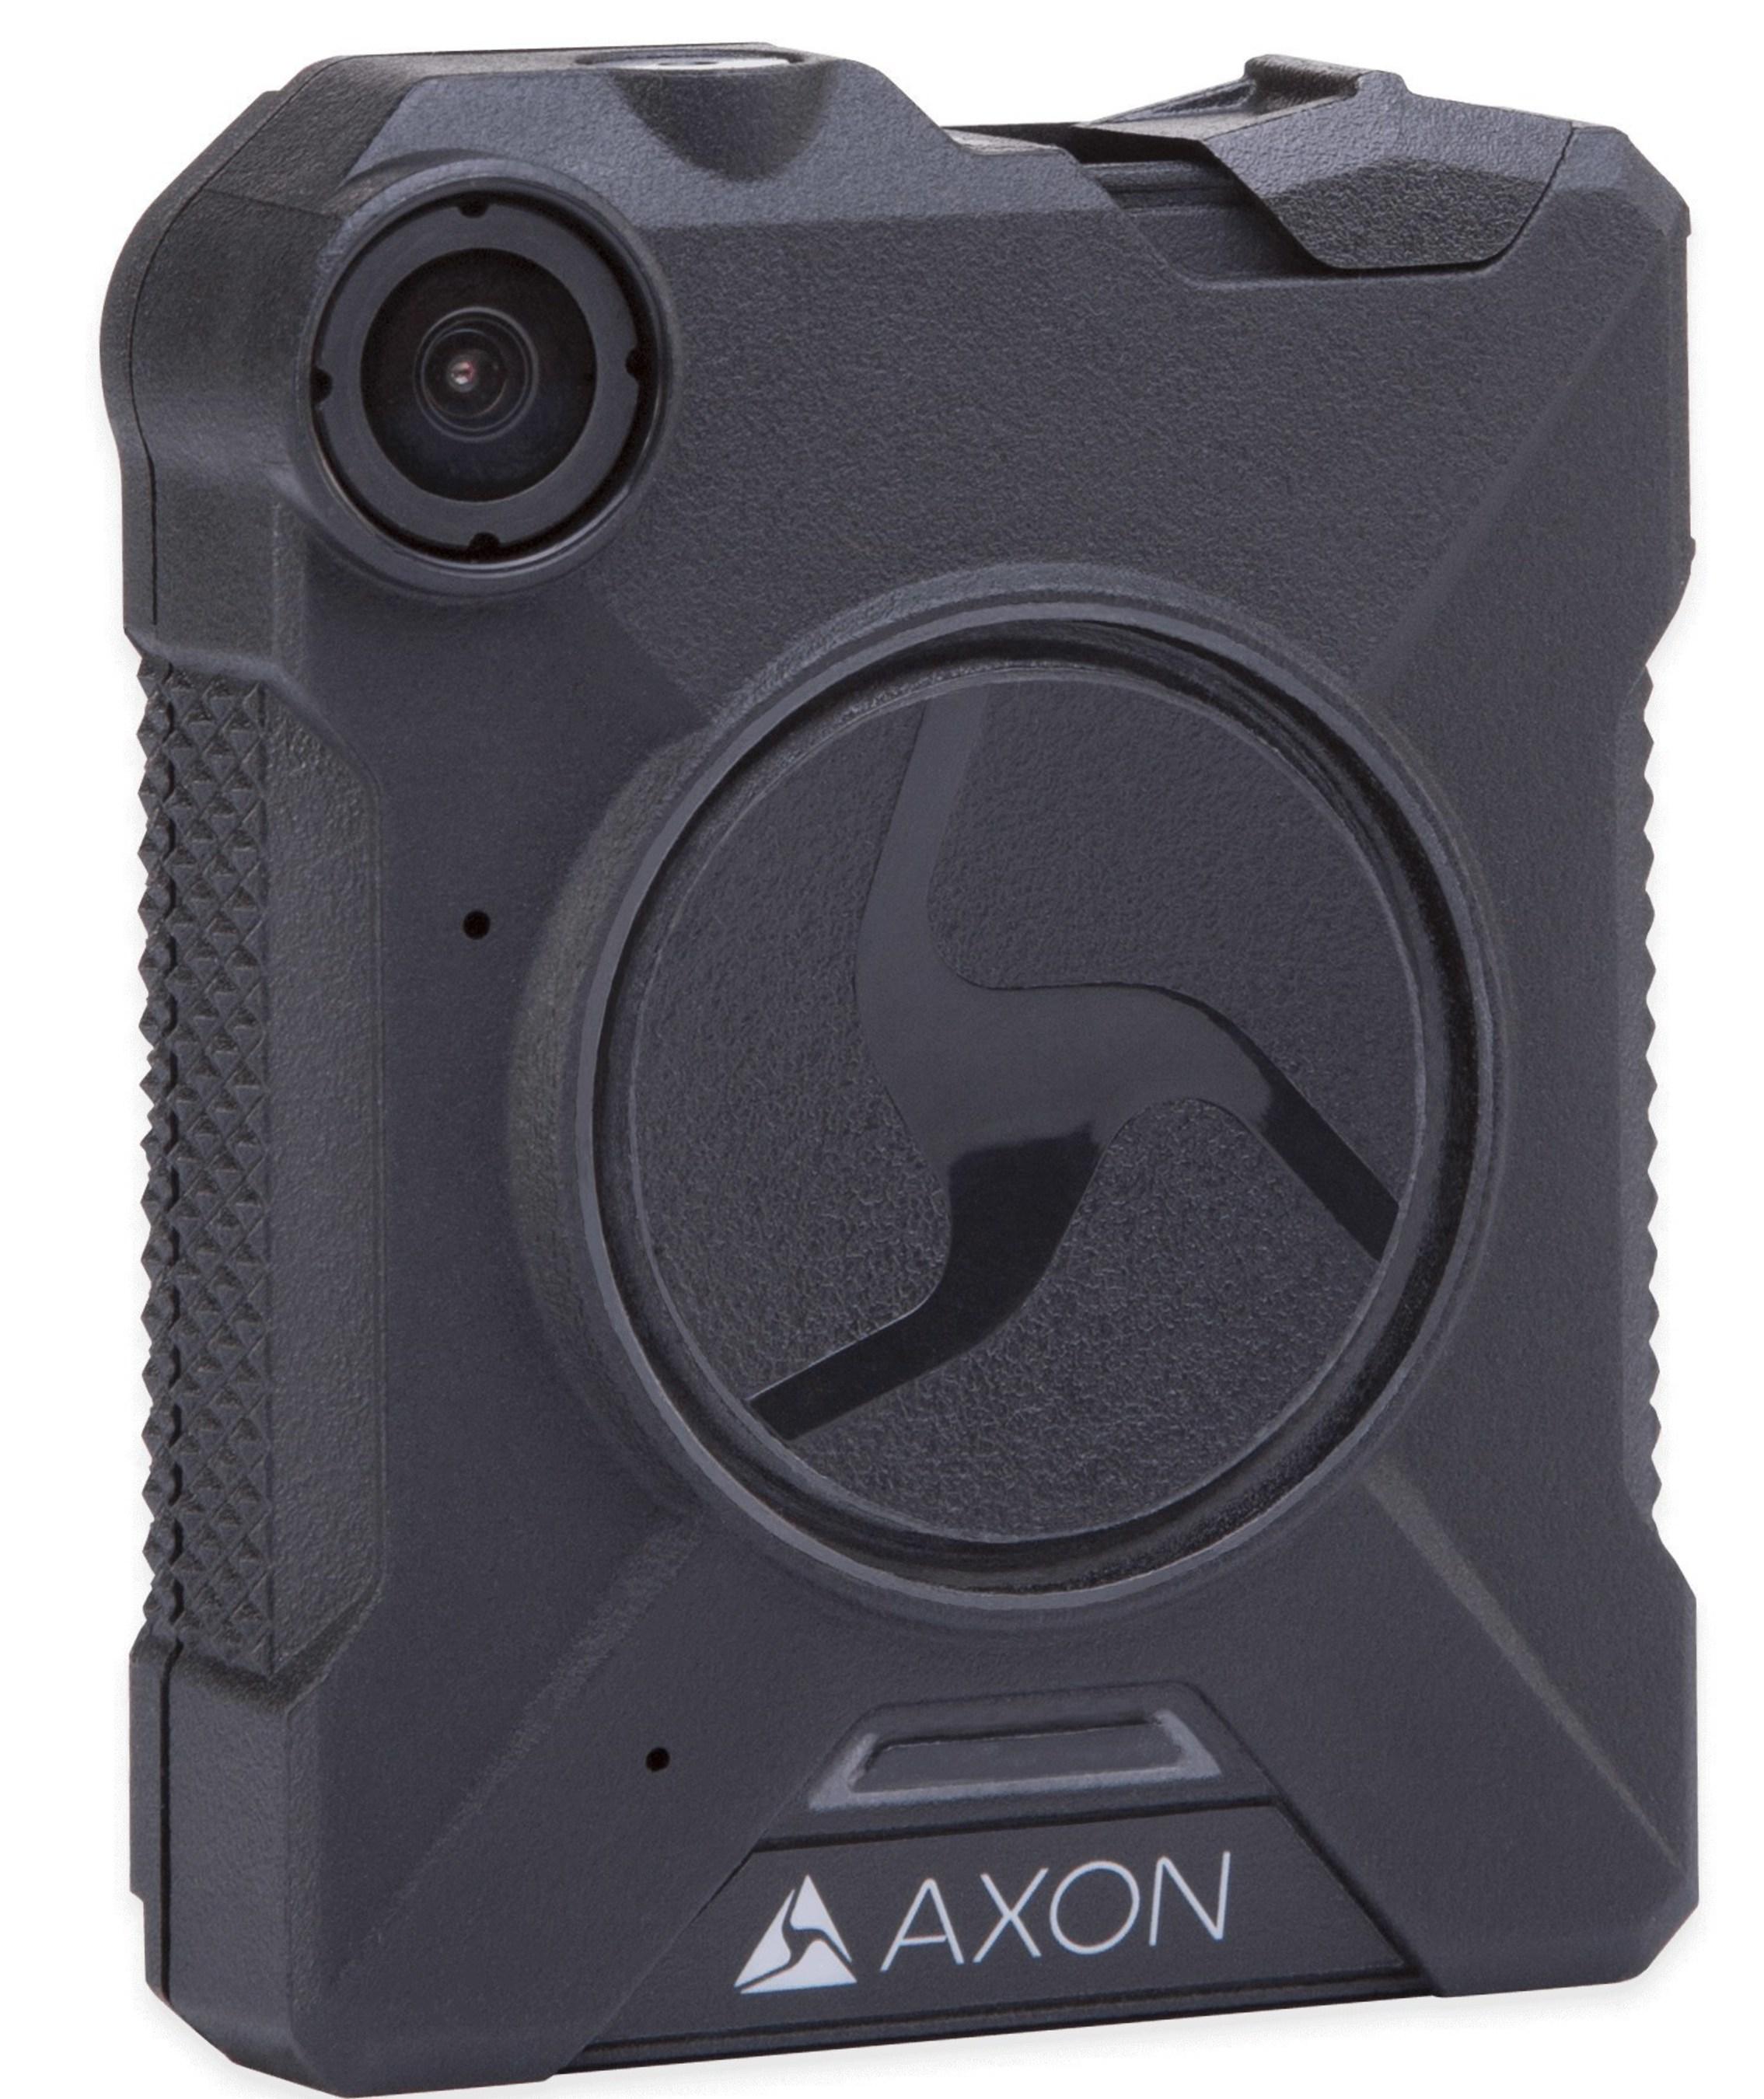 Axon Body 2 camera by TASER International, Scottsdale, AZ USA.